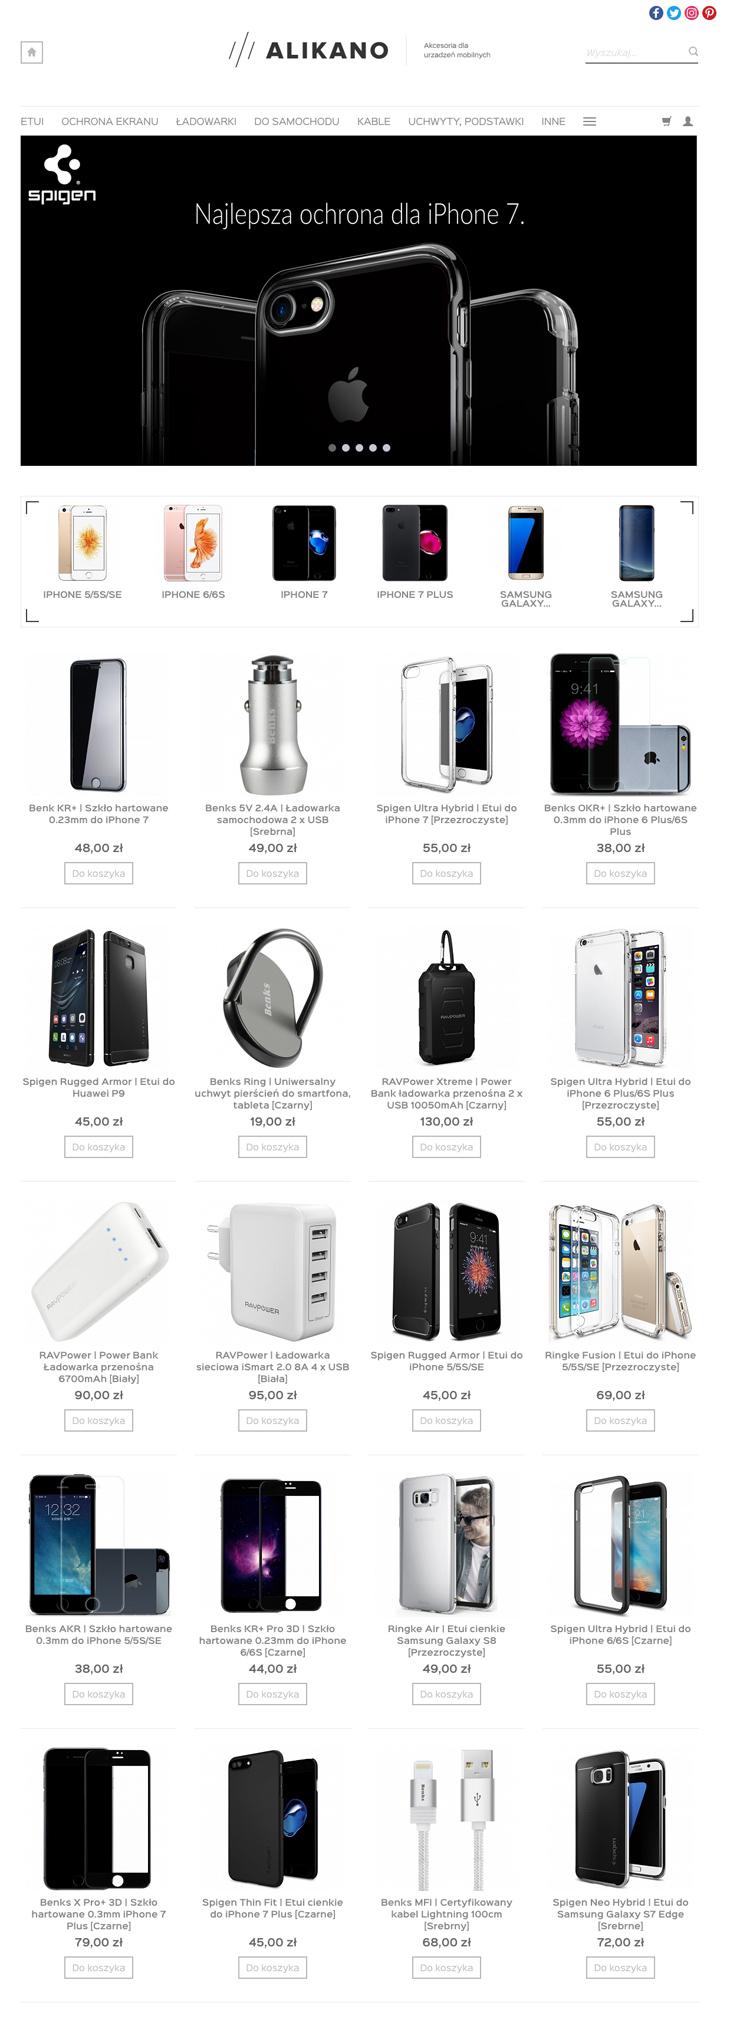 Sklep internetowy ALIKANO Akcesoria dla urządzeń mobilnych